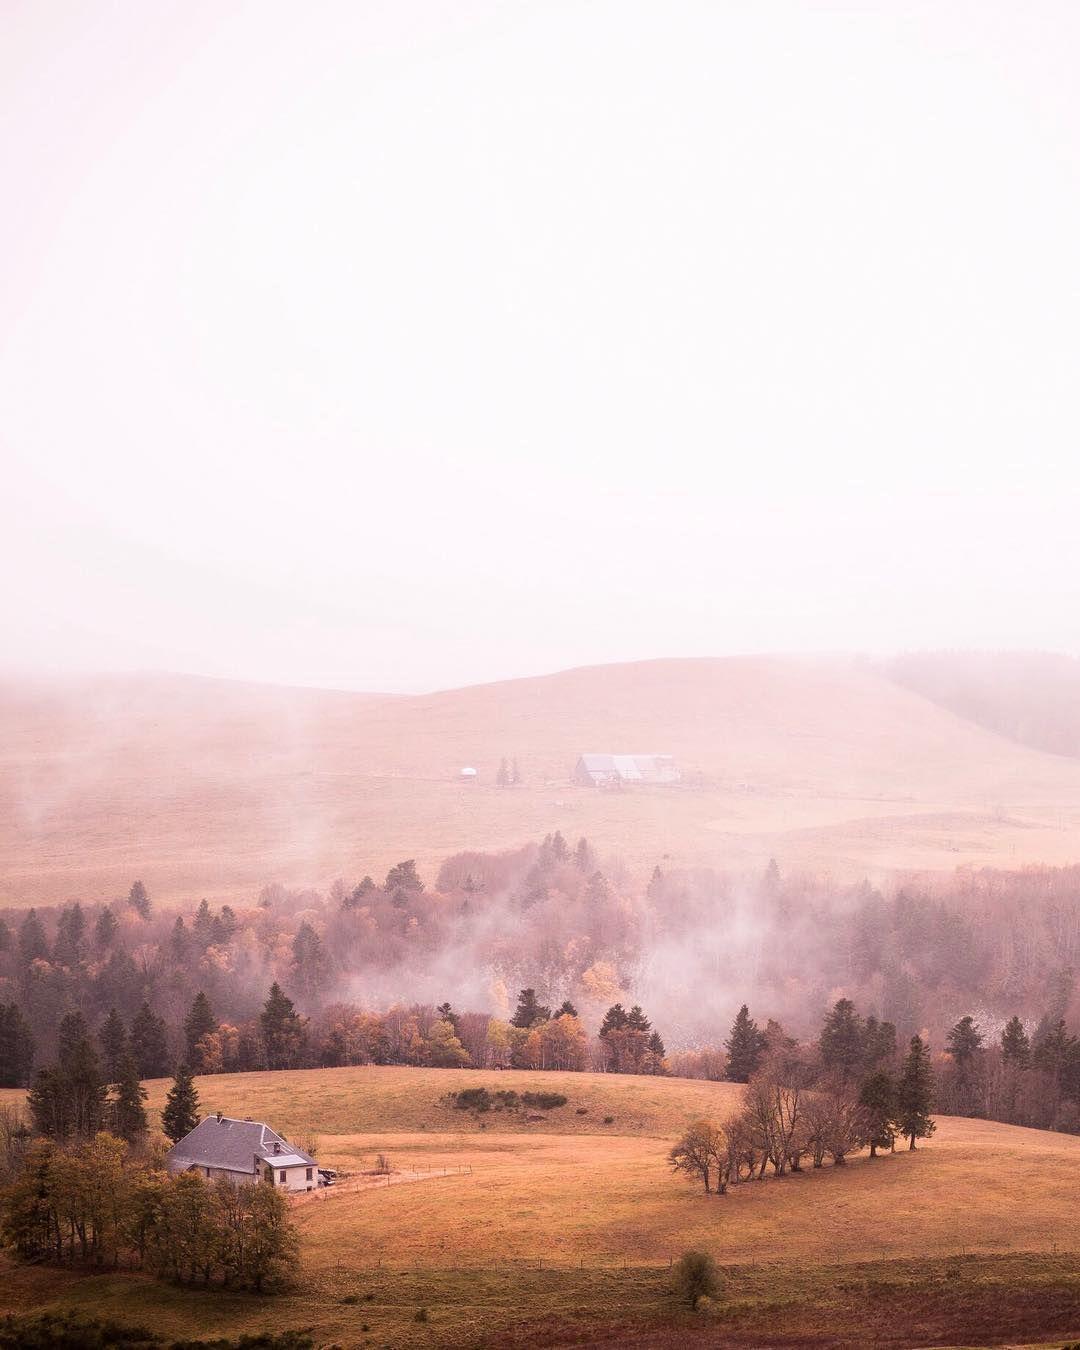 """1,682 mentions J'aime, 36 commentaires - Camille Talks ⚓️🎈 (@camilletalks) sur Instagram: """"Brume d'automne 💛 Aujourd'hui j'ai eu au moins aussi froid que le jour où j'ai pris cette photo !…"""""""